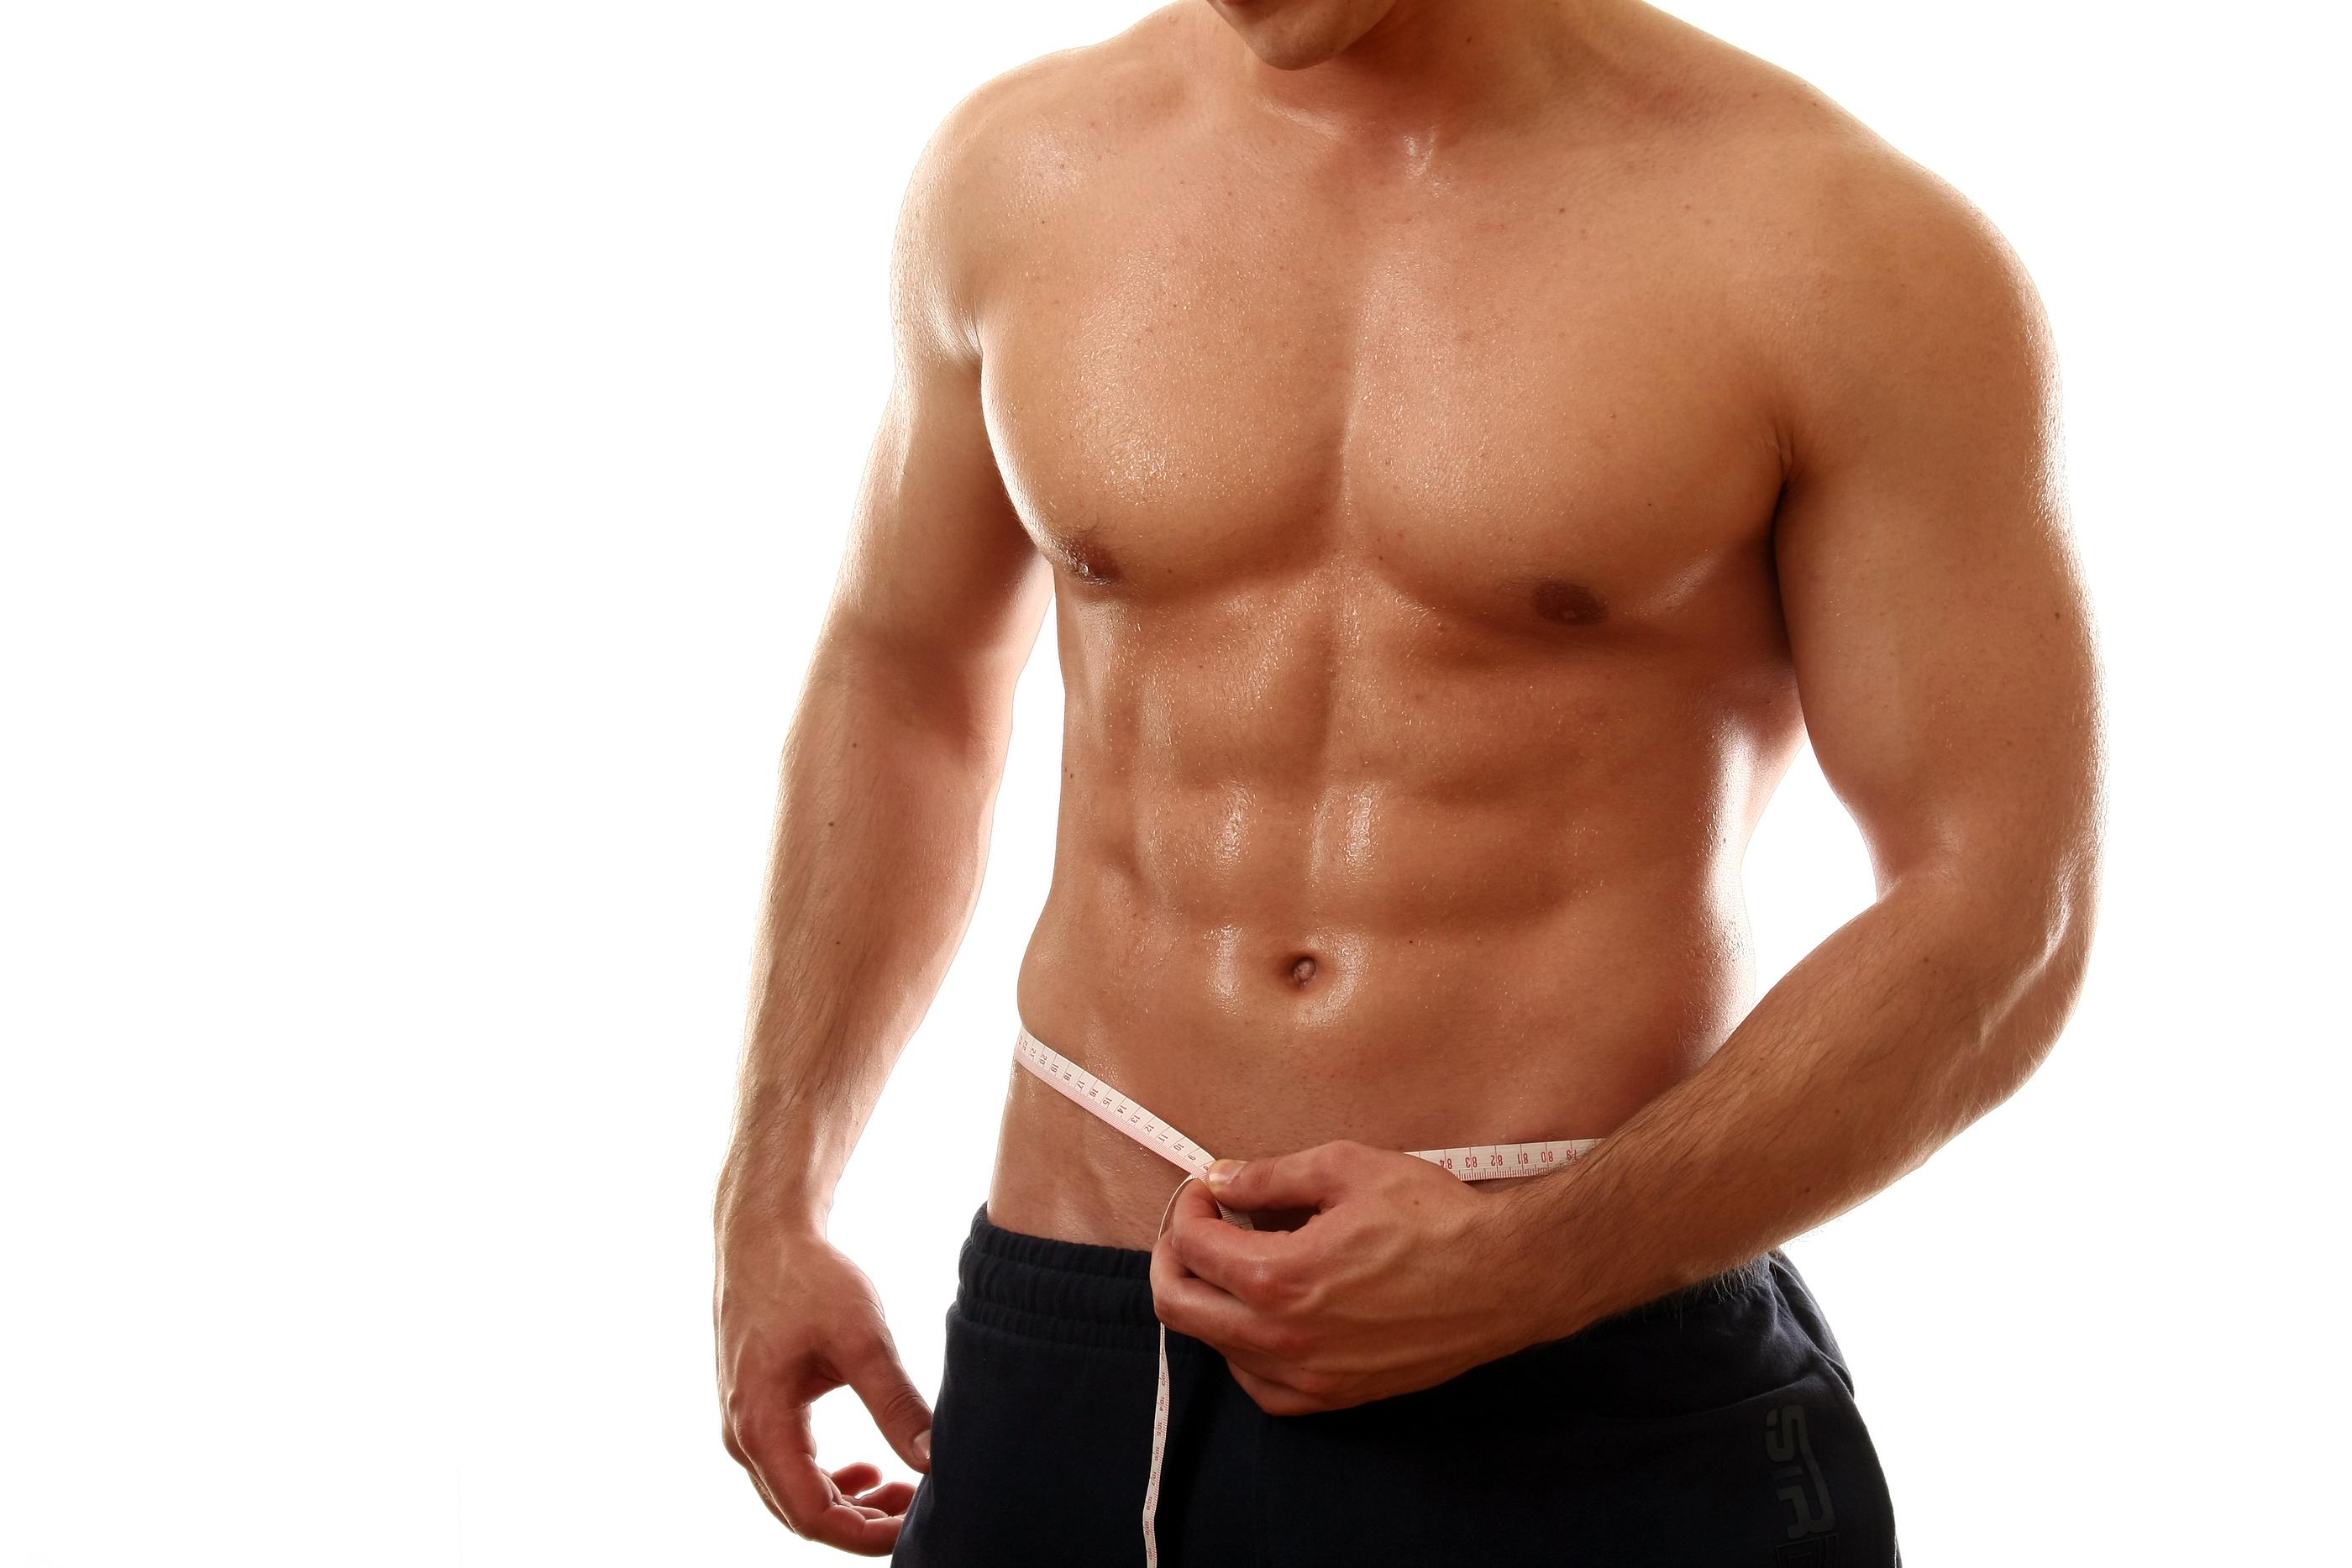 صور تمارين عضلات البطن , كيف تصبح بدون كرش